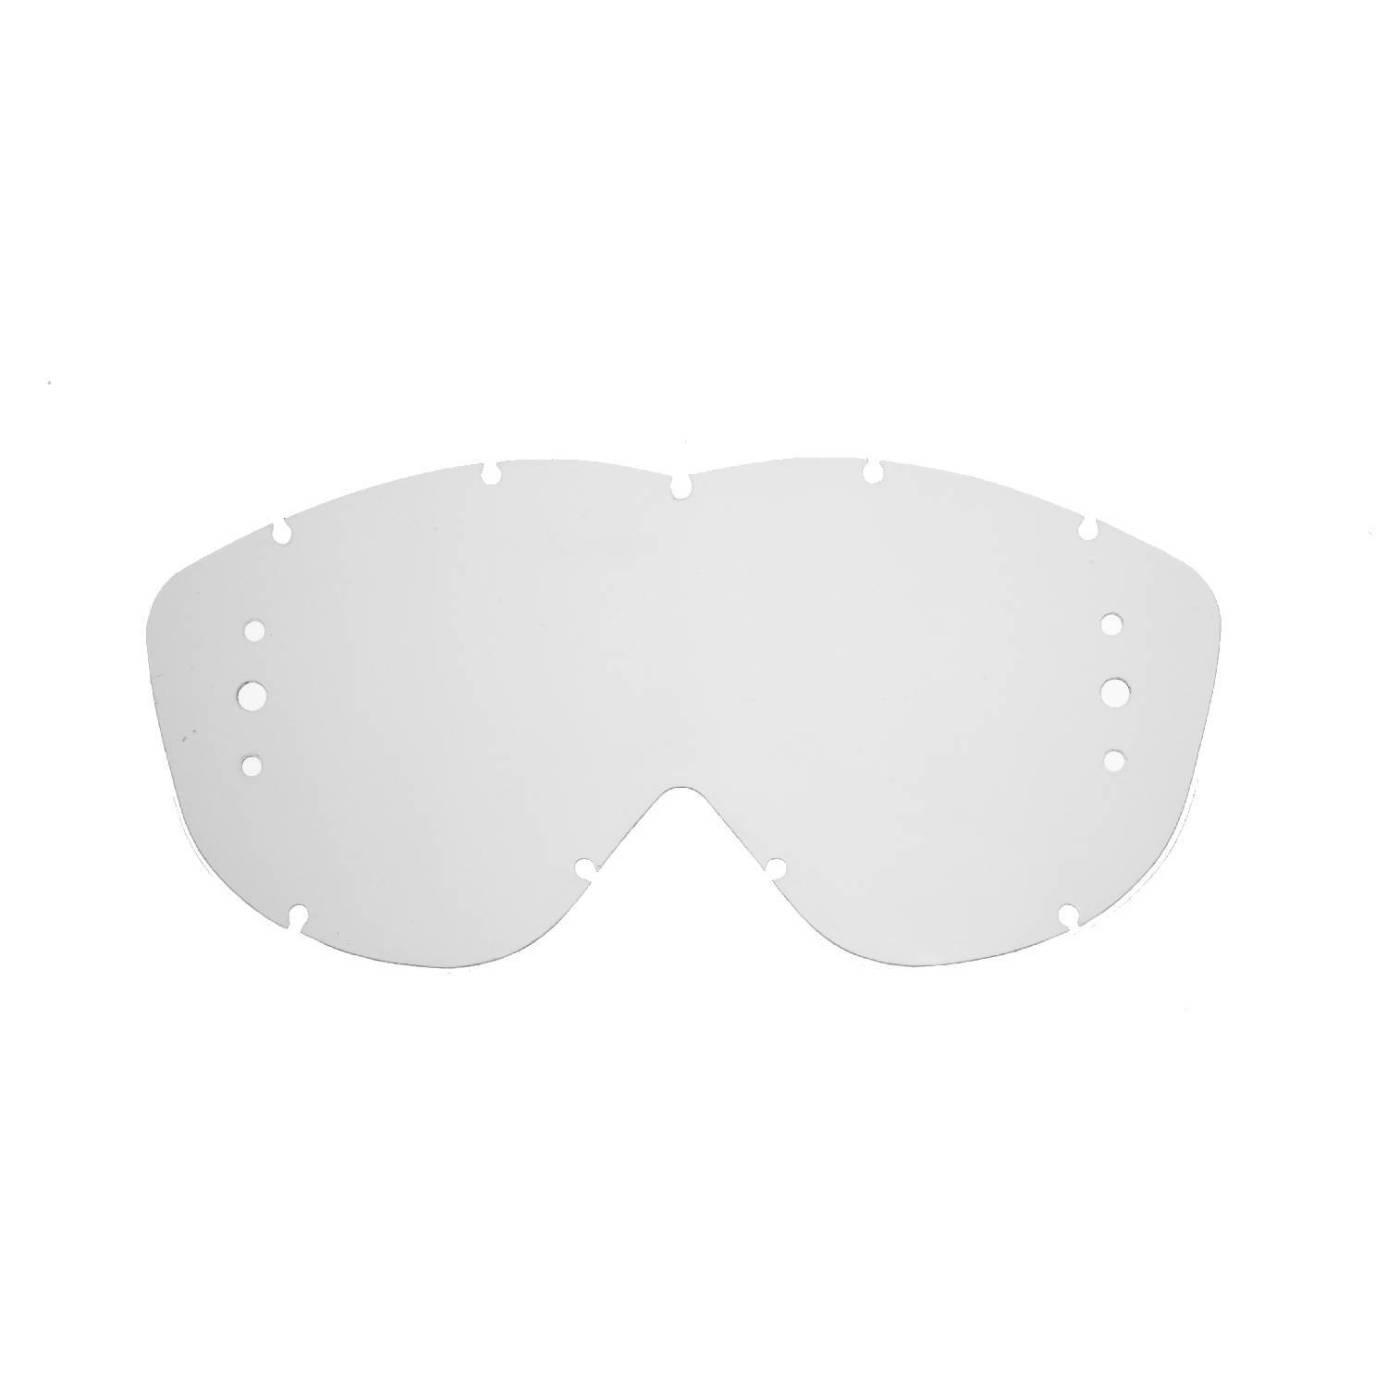 vidrio antiparra italiano clear spy alloy - targa